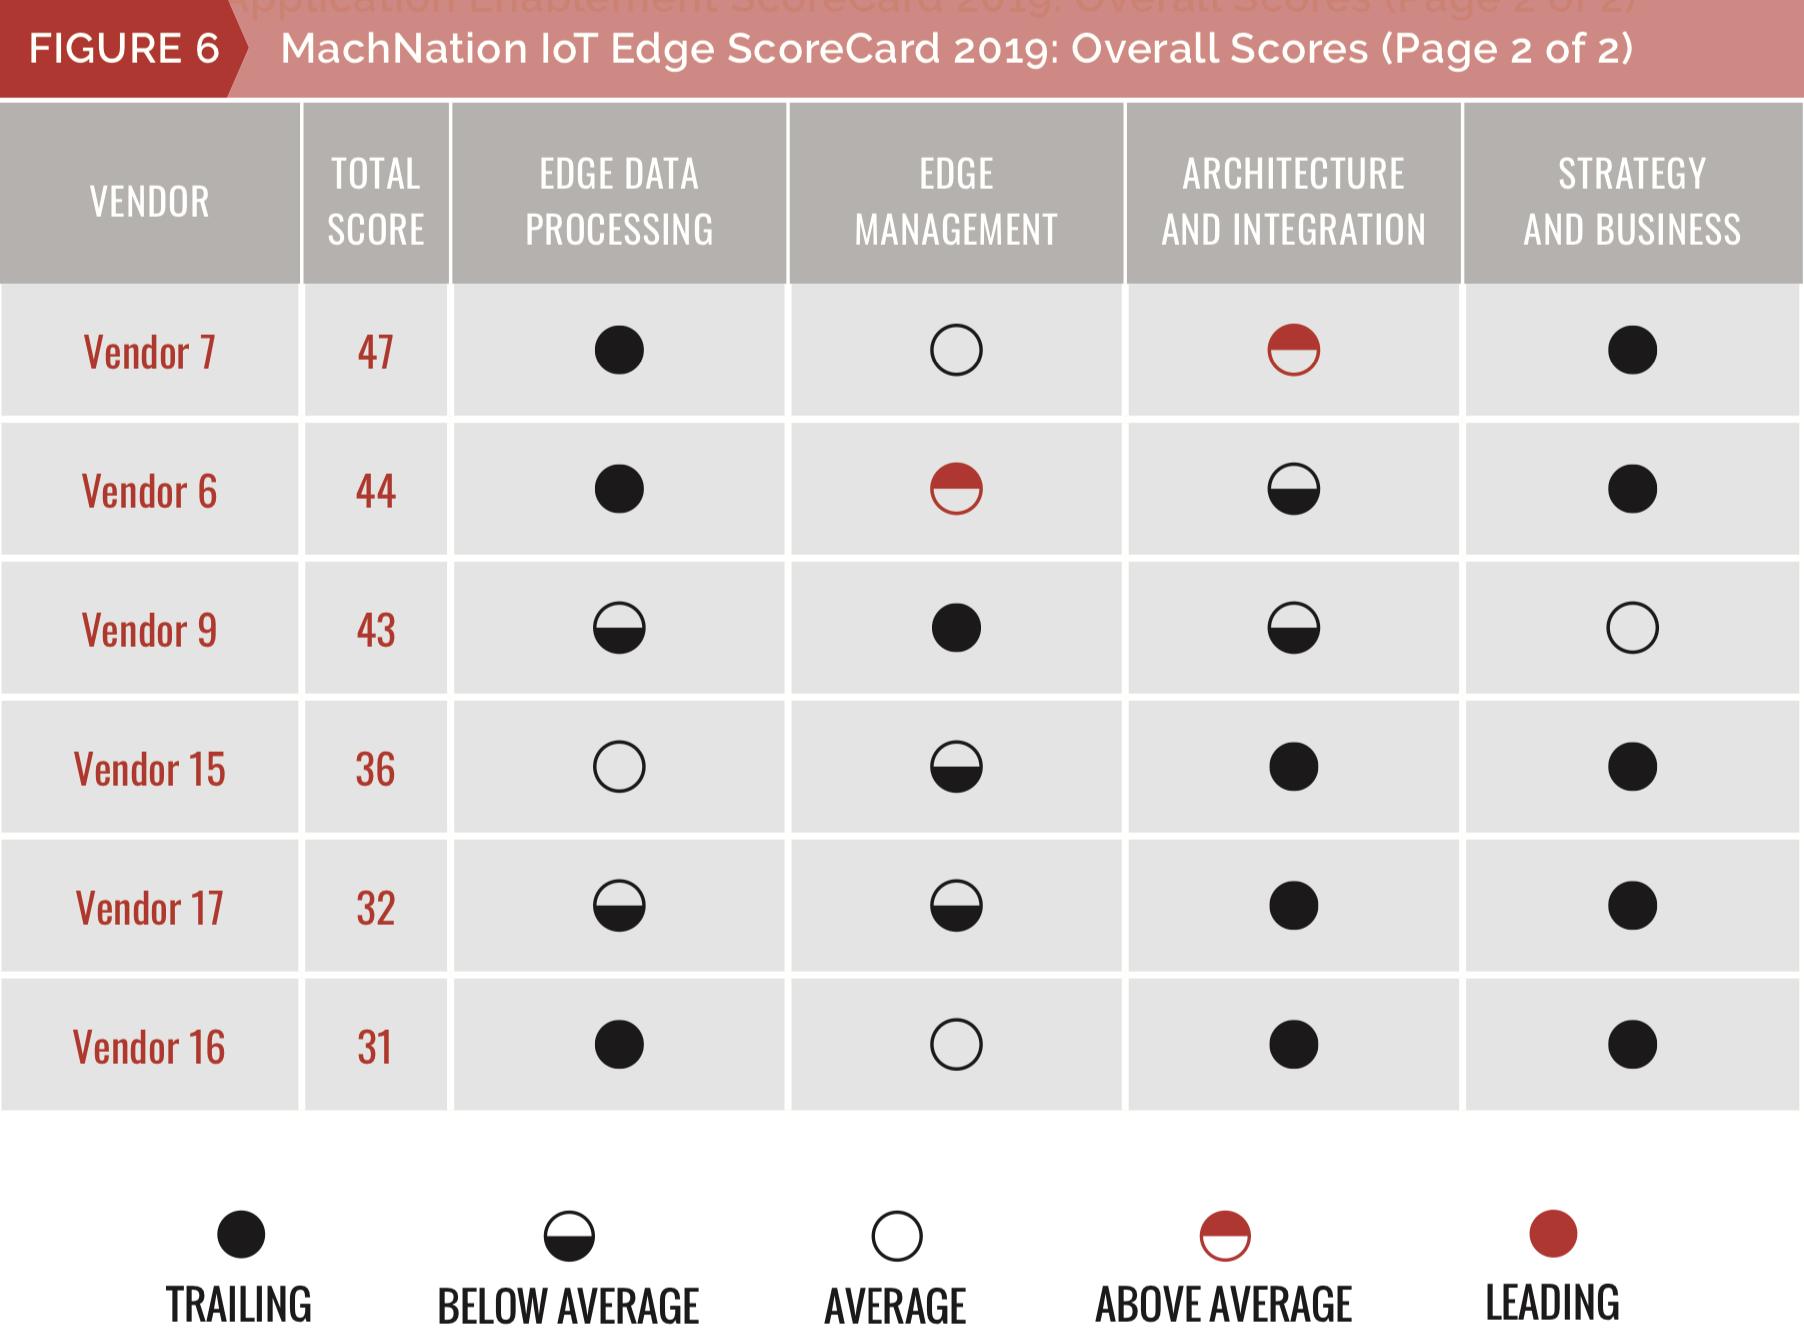 MachNation IoT Edge scorecard